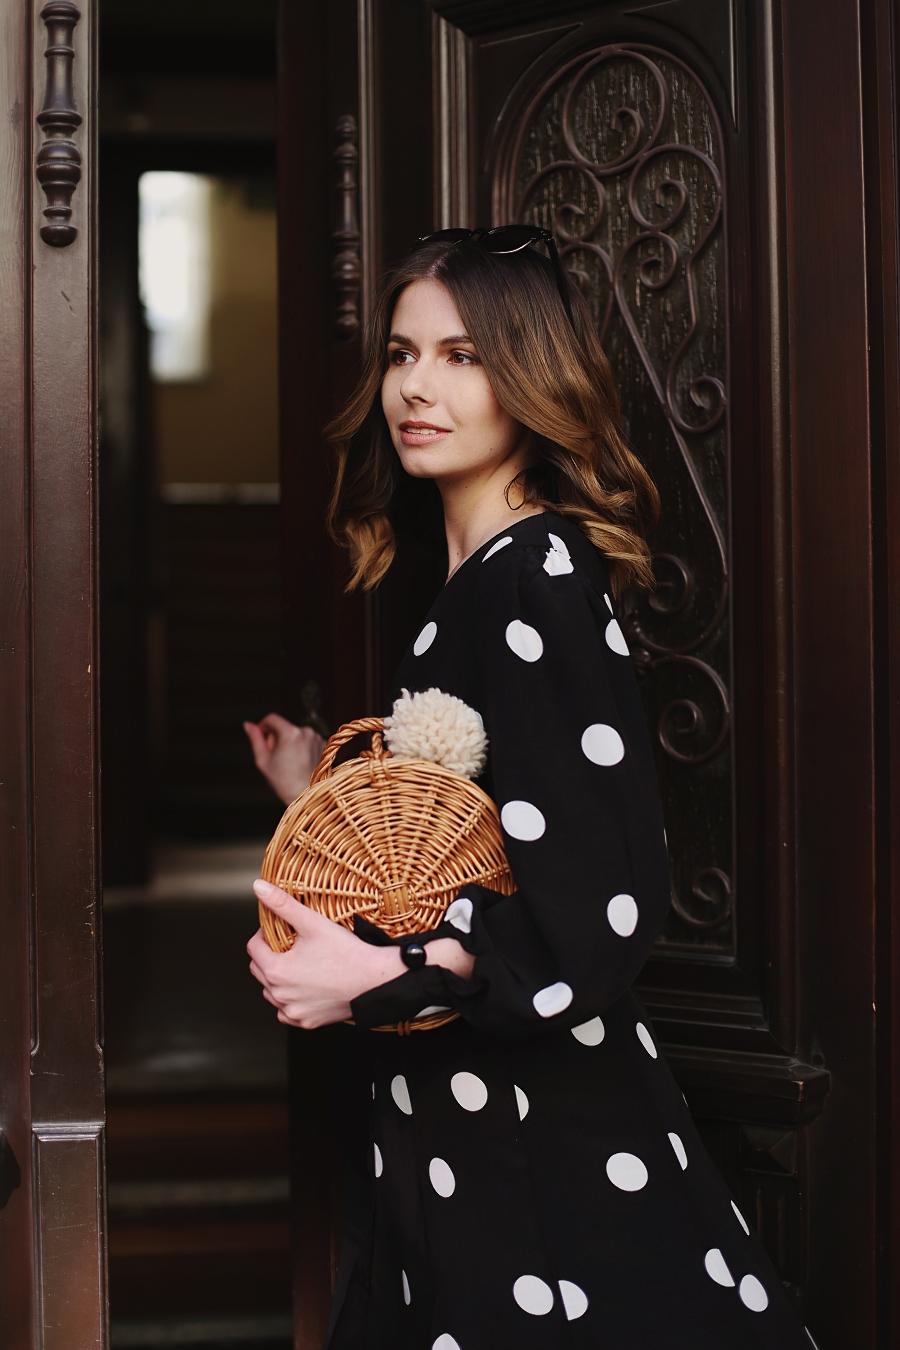 Sukienka w grochy i wiklinowy koszyk - sesja retro